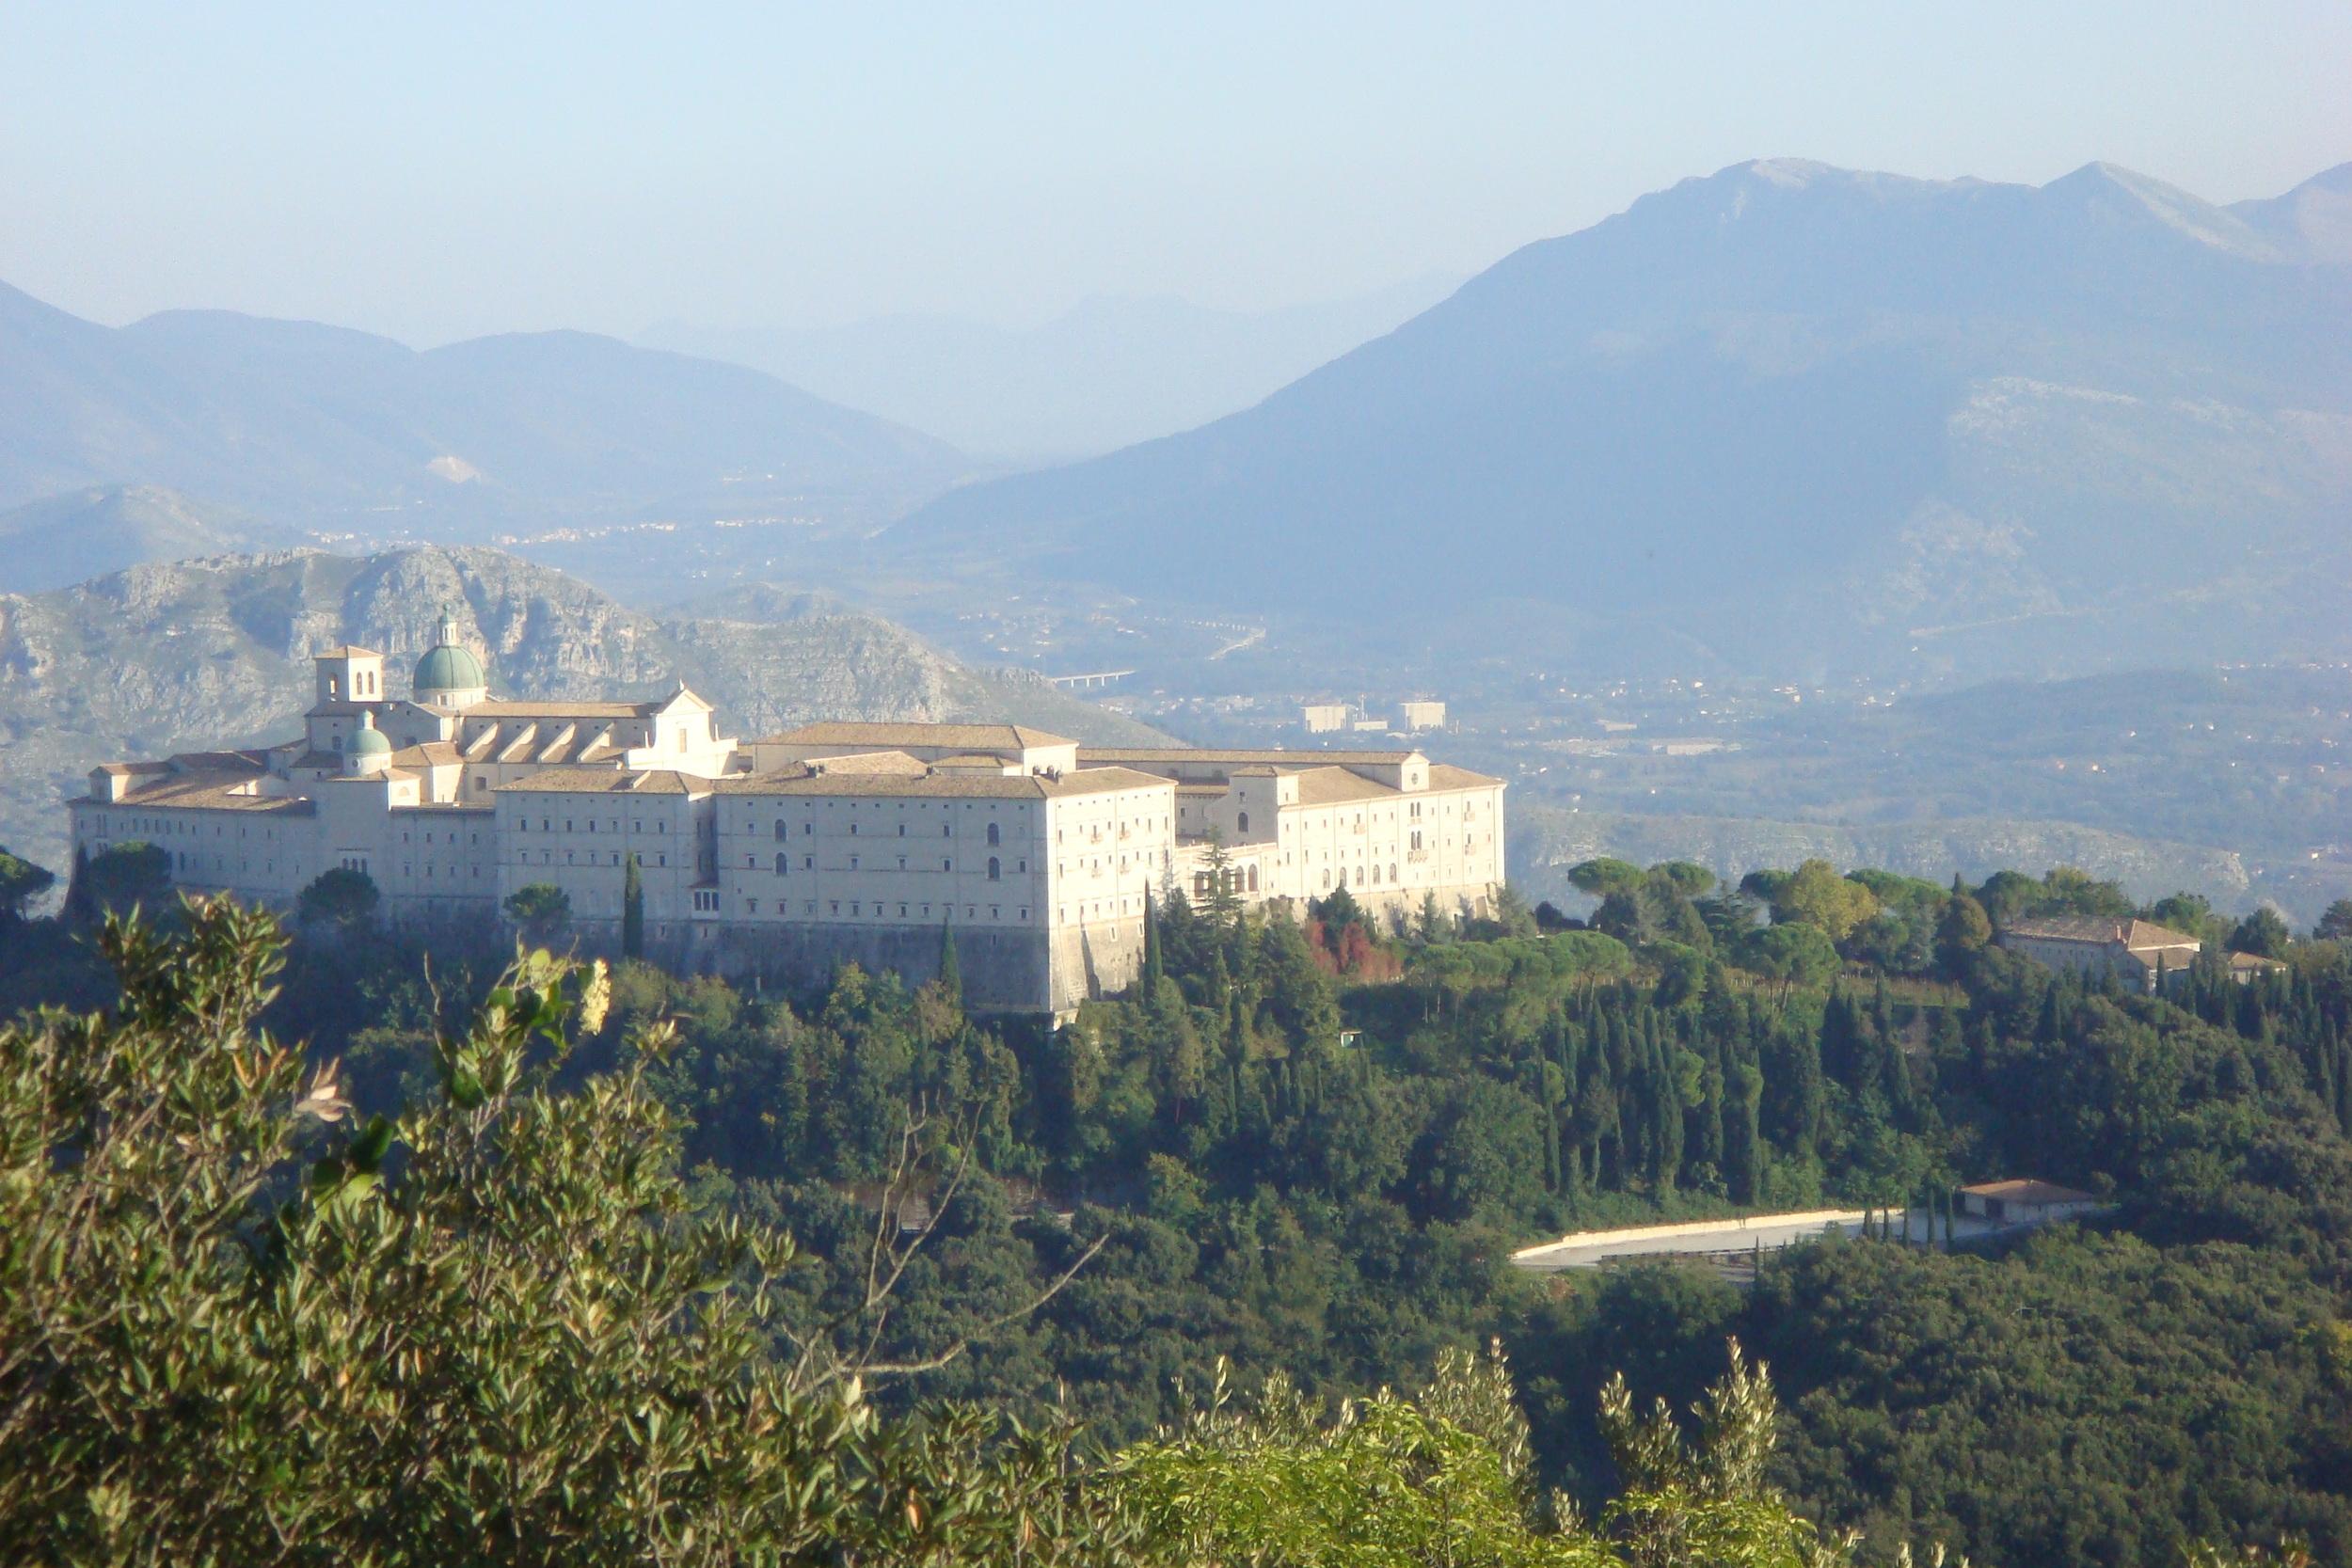 Abbey de Monte Cassino, Italy